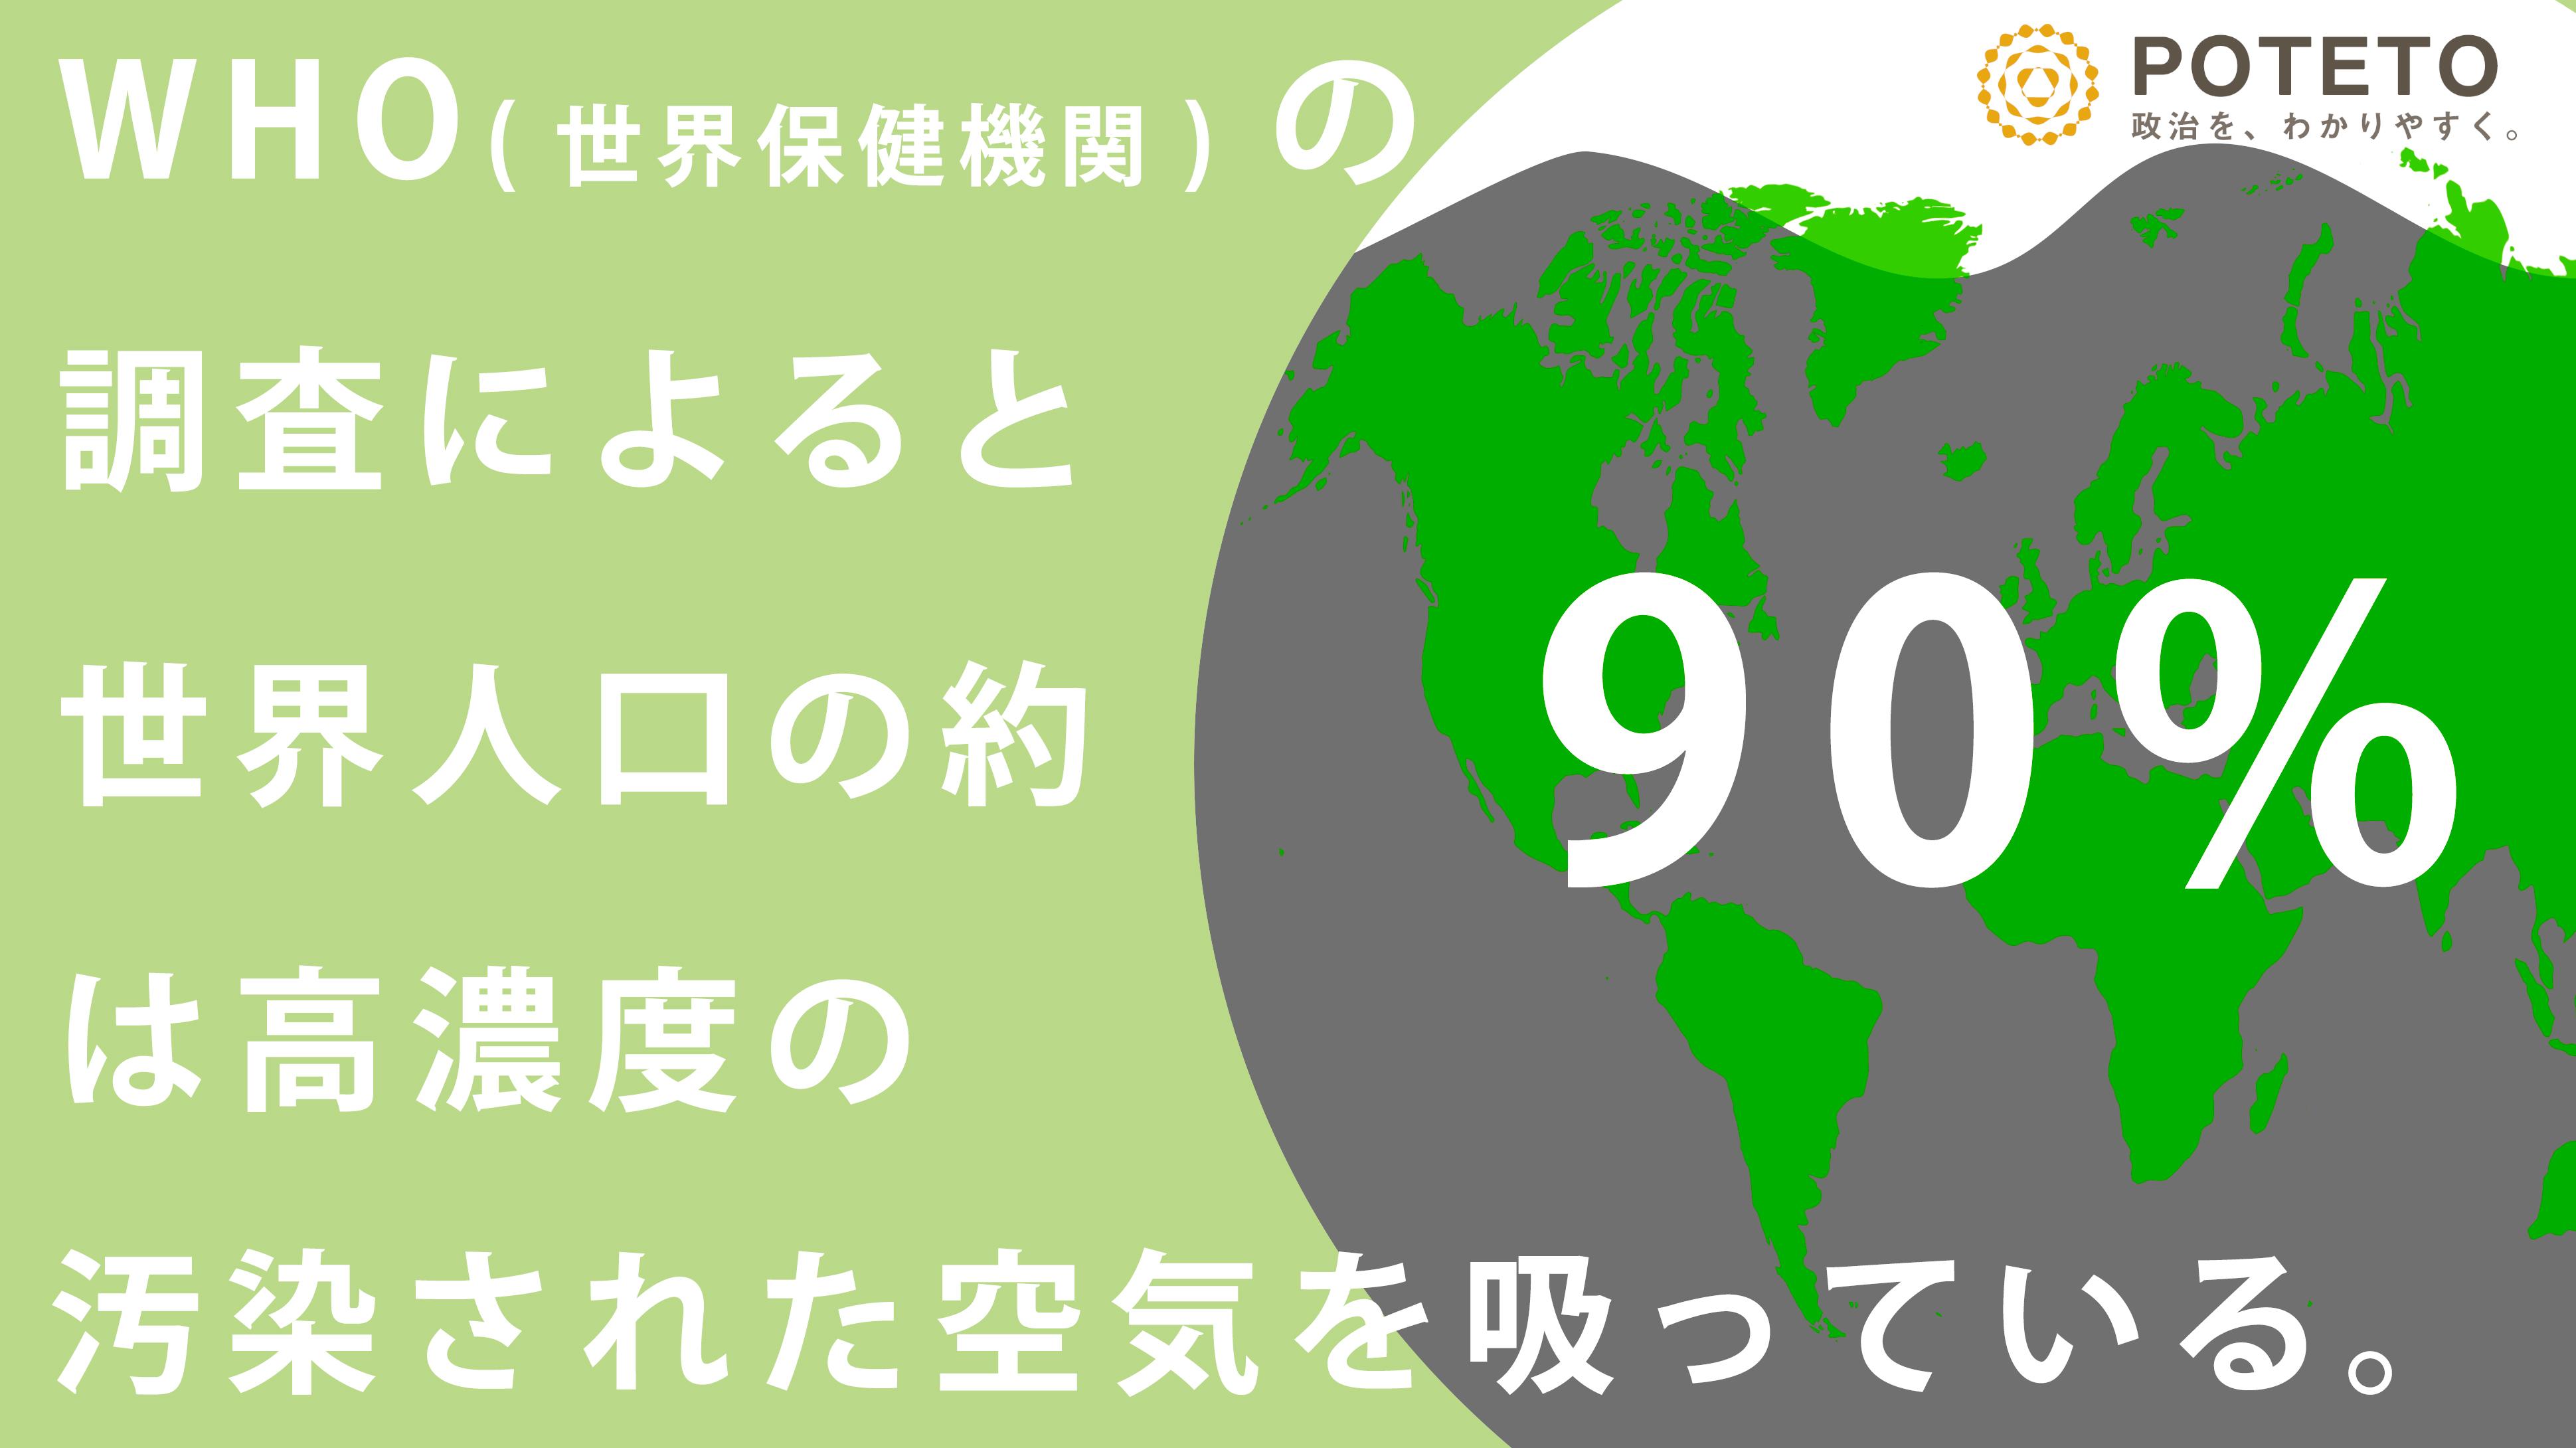 airpolution2 - 【特集】世界の9割が大気汚染⁈<br>今そこにある、「空気」の危機とは?